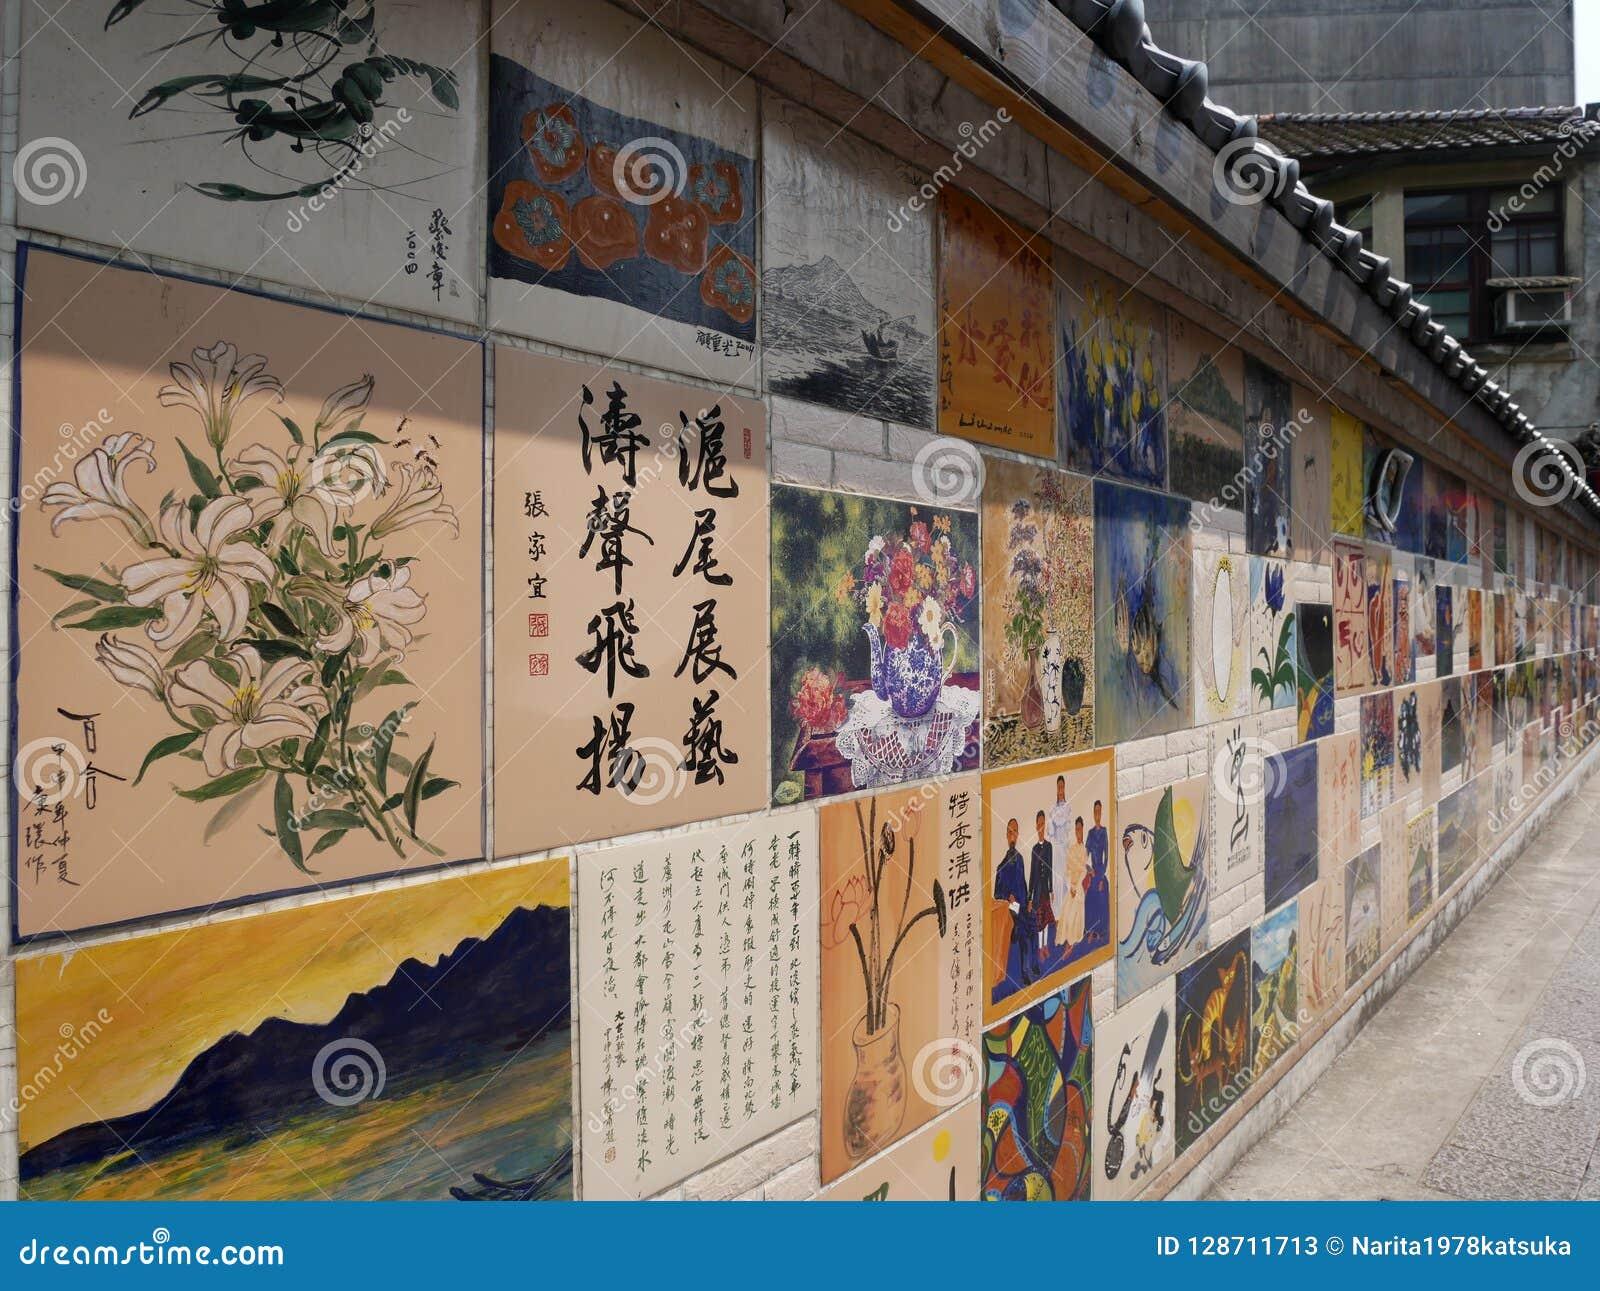 Ceramic tiles paint art or wall art at taiwan.